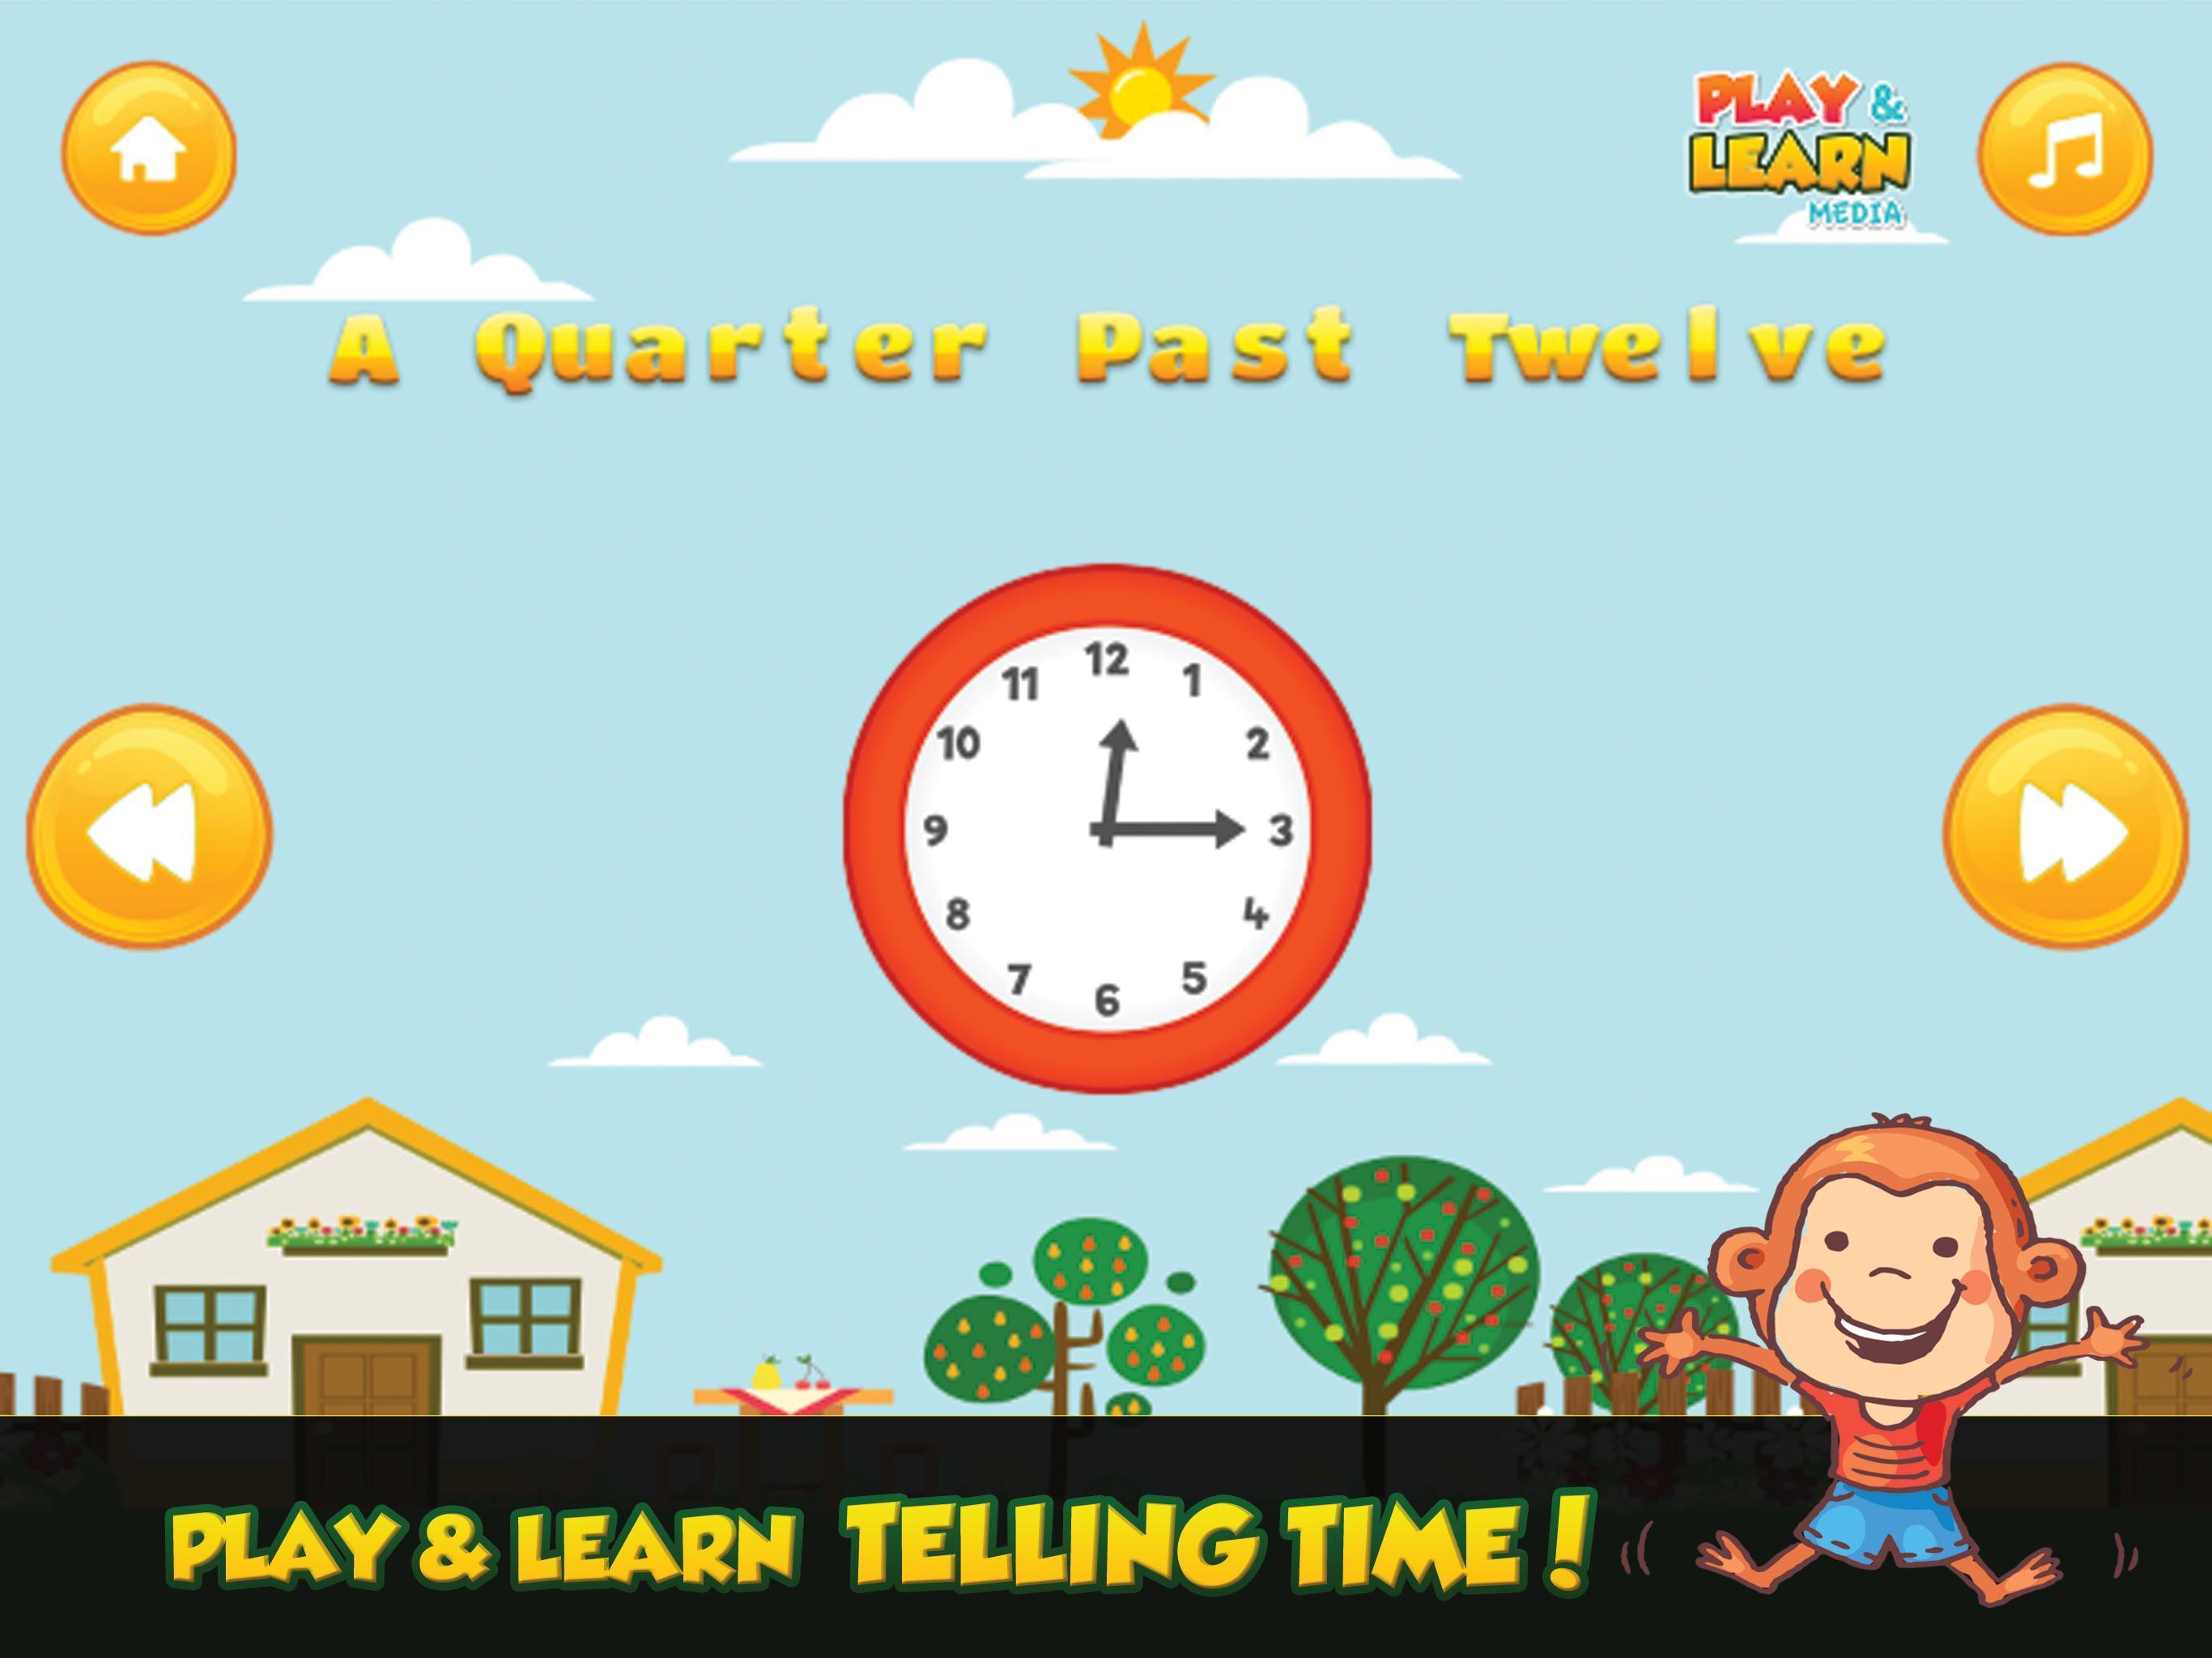 Jeux D'apprentissage Pour Petits Enfants Pour Android encequiconcerne Jeux Pour Petit Enfant